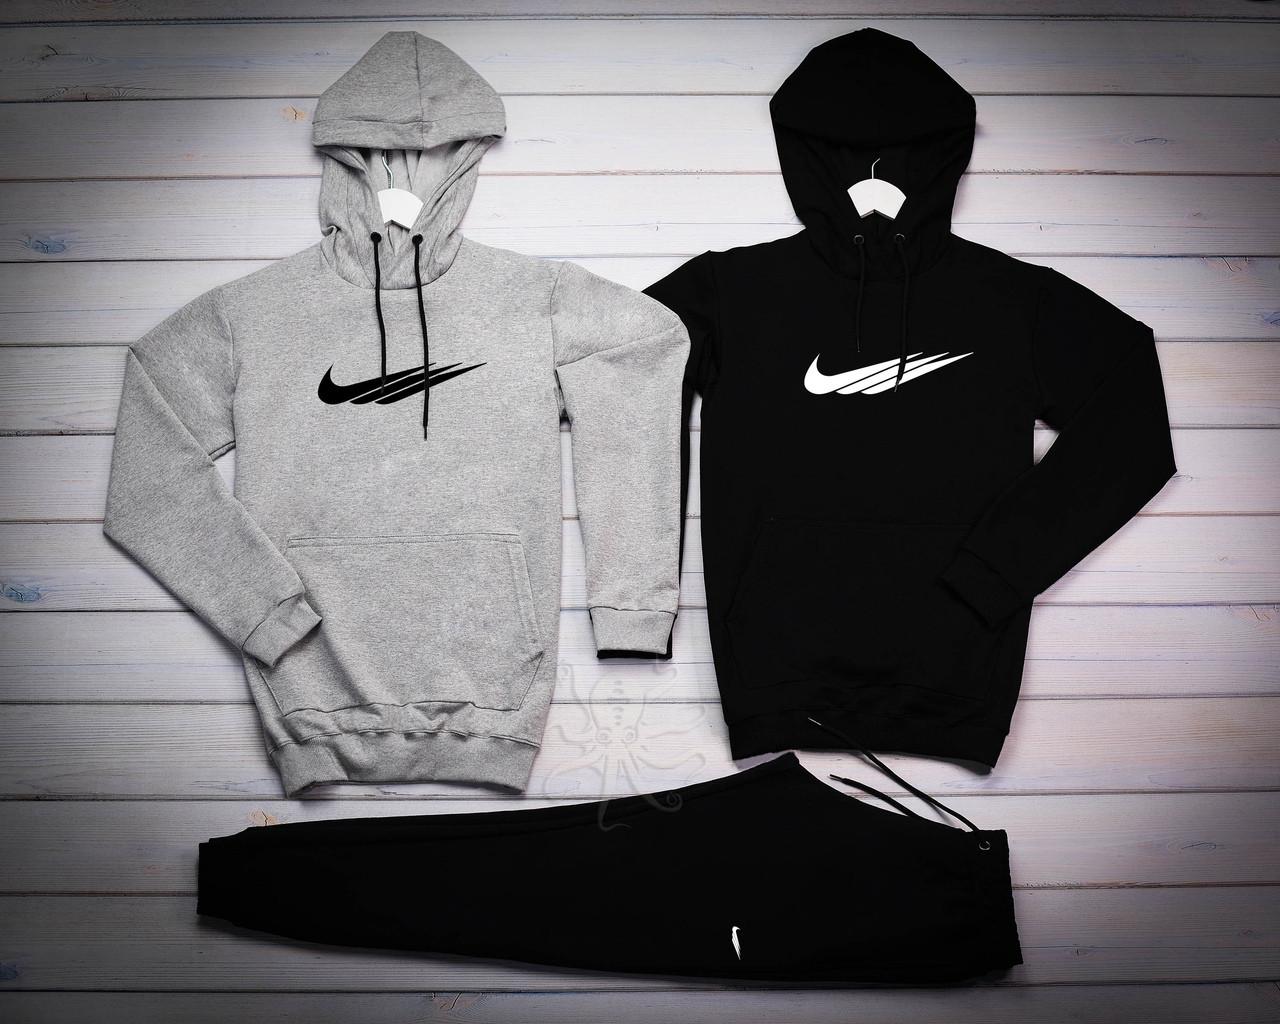 Nike Мужской серый спортивный костюм с капюшоном демисезонный.Кенгуру 2шт+ штаны осень